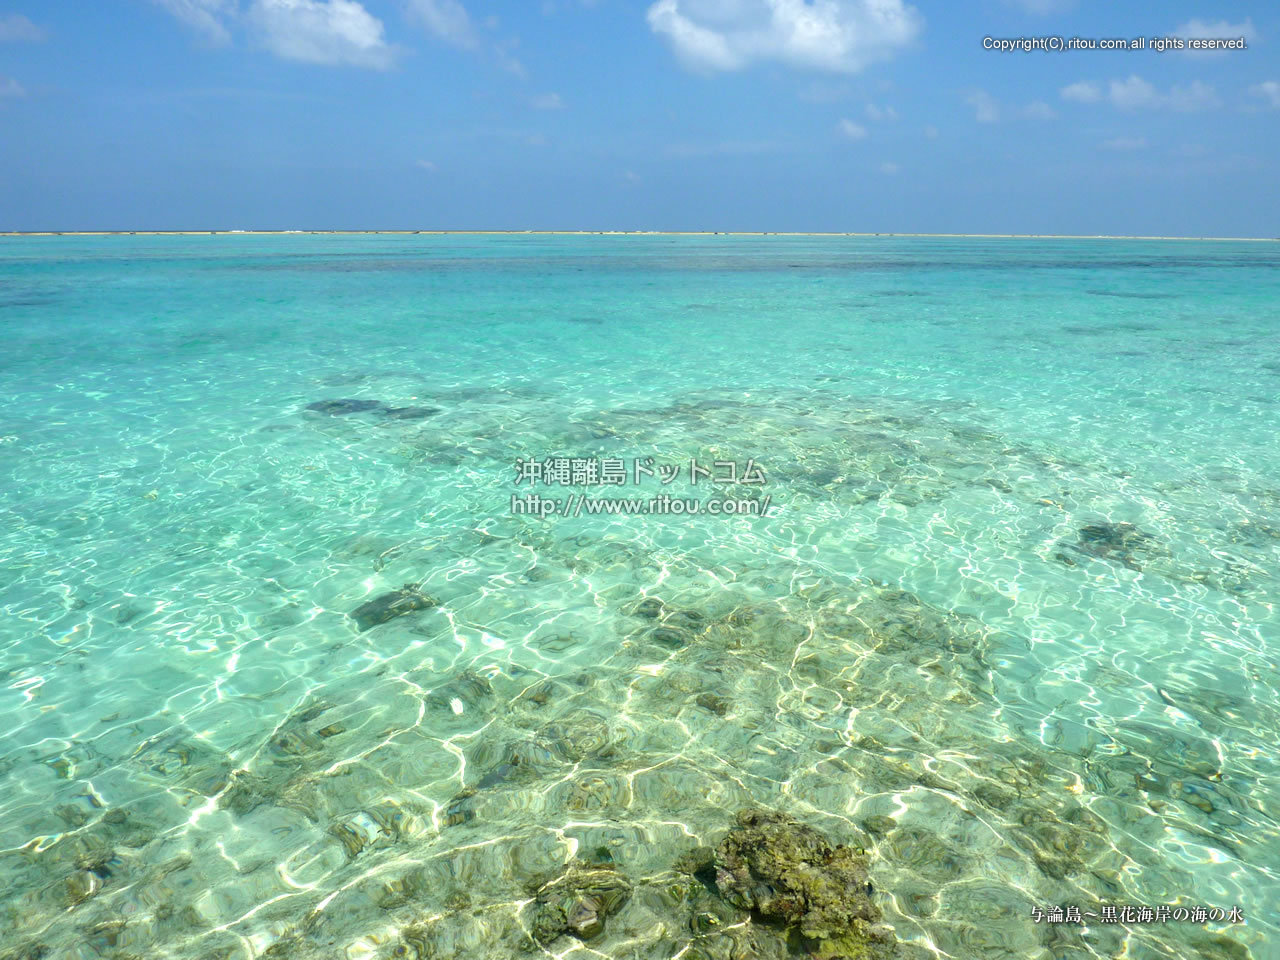 与論島〜黒花海岸の海の水